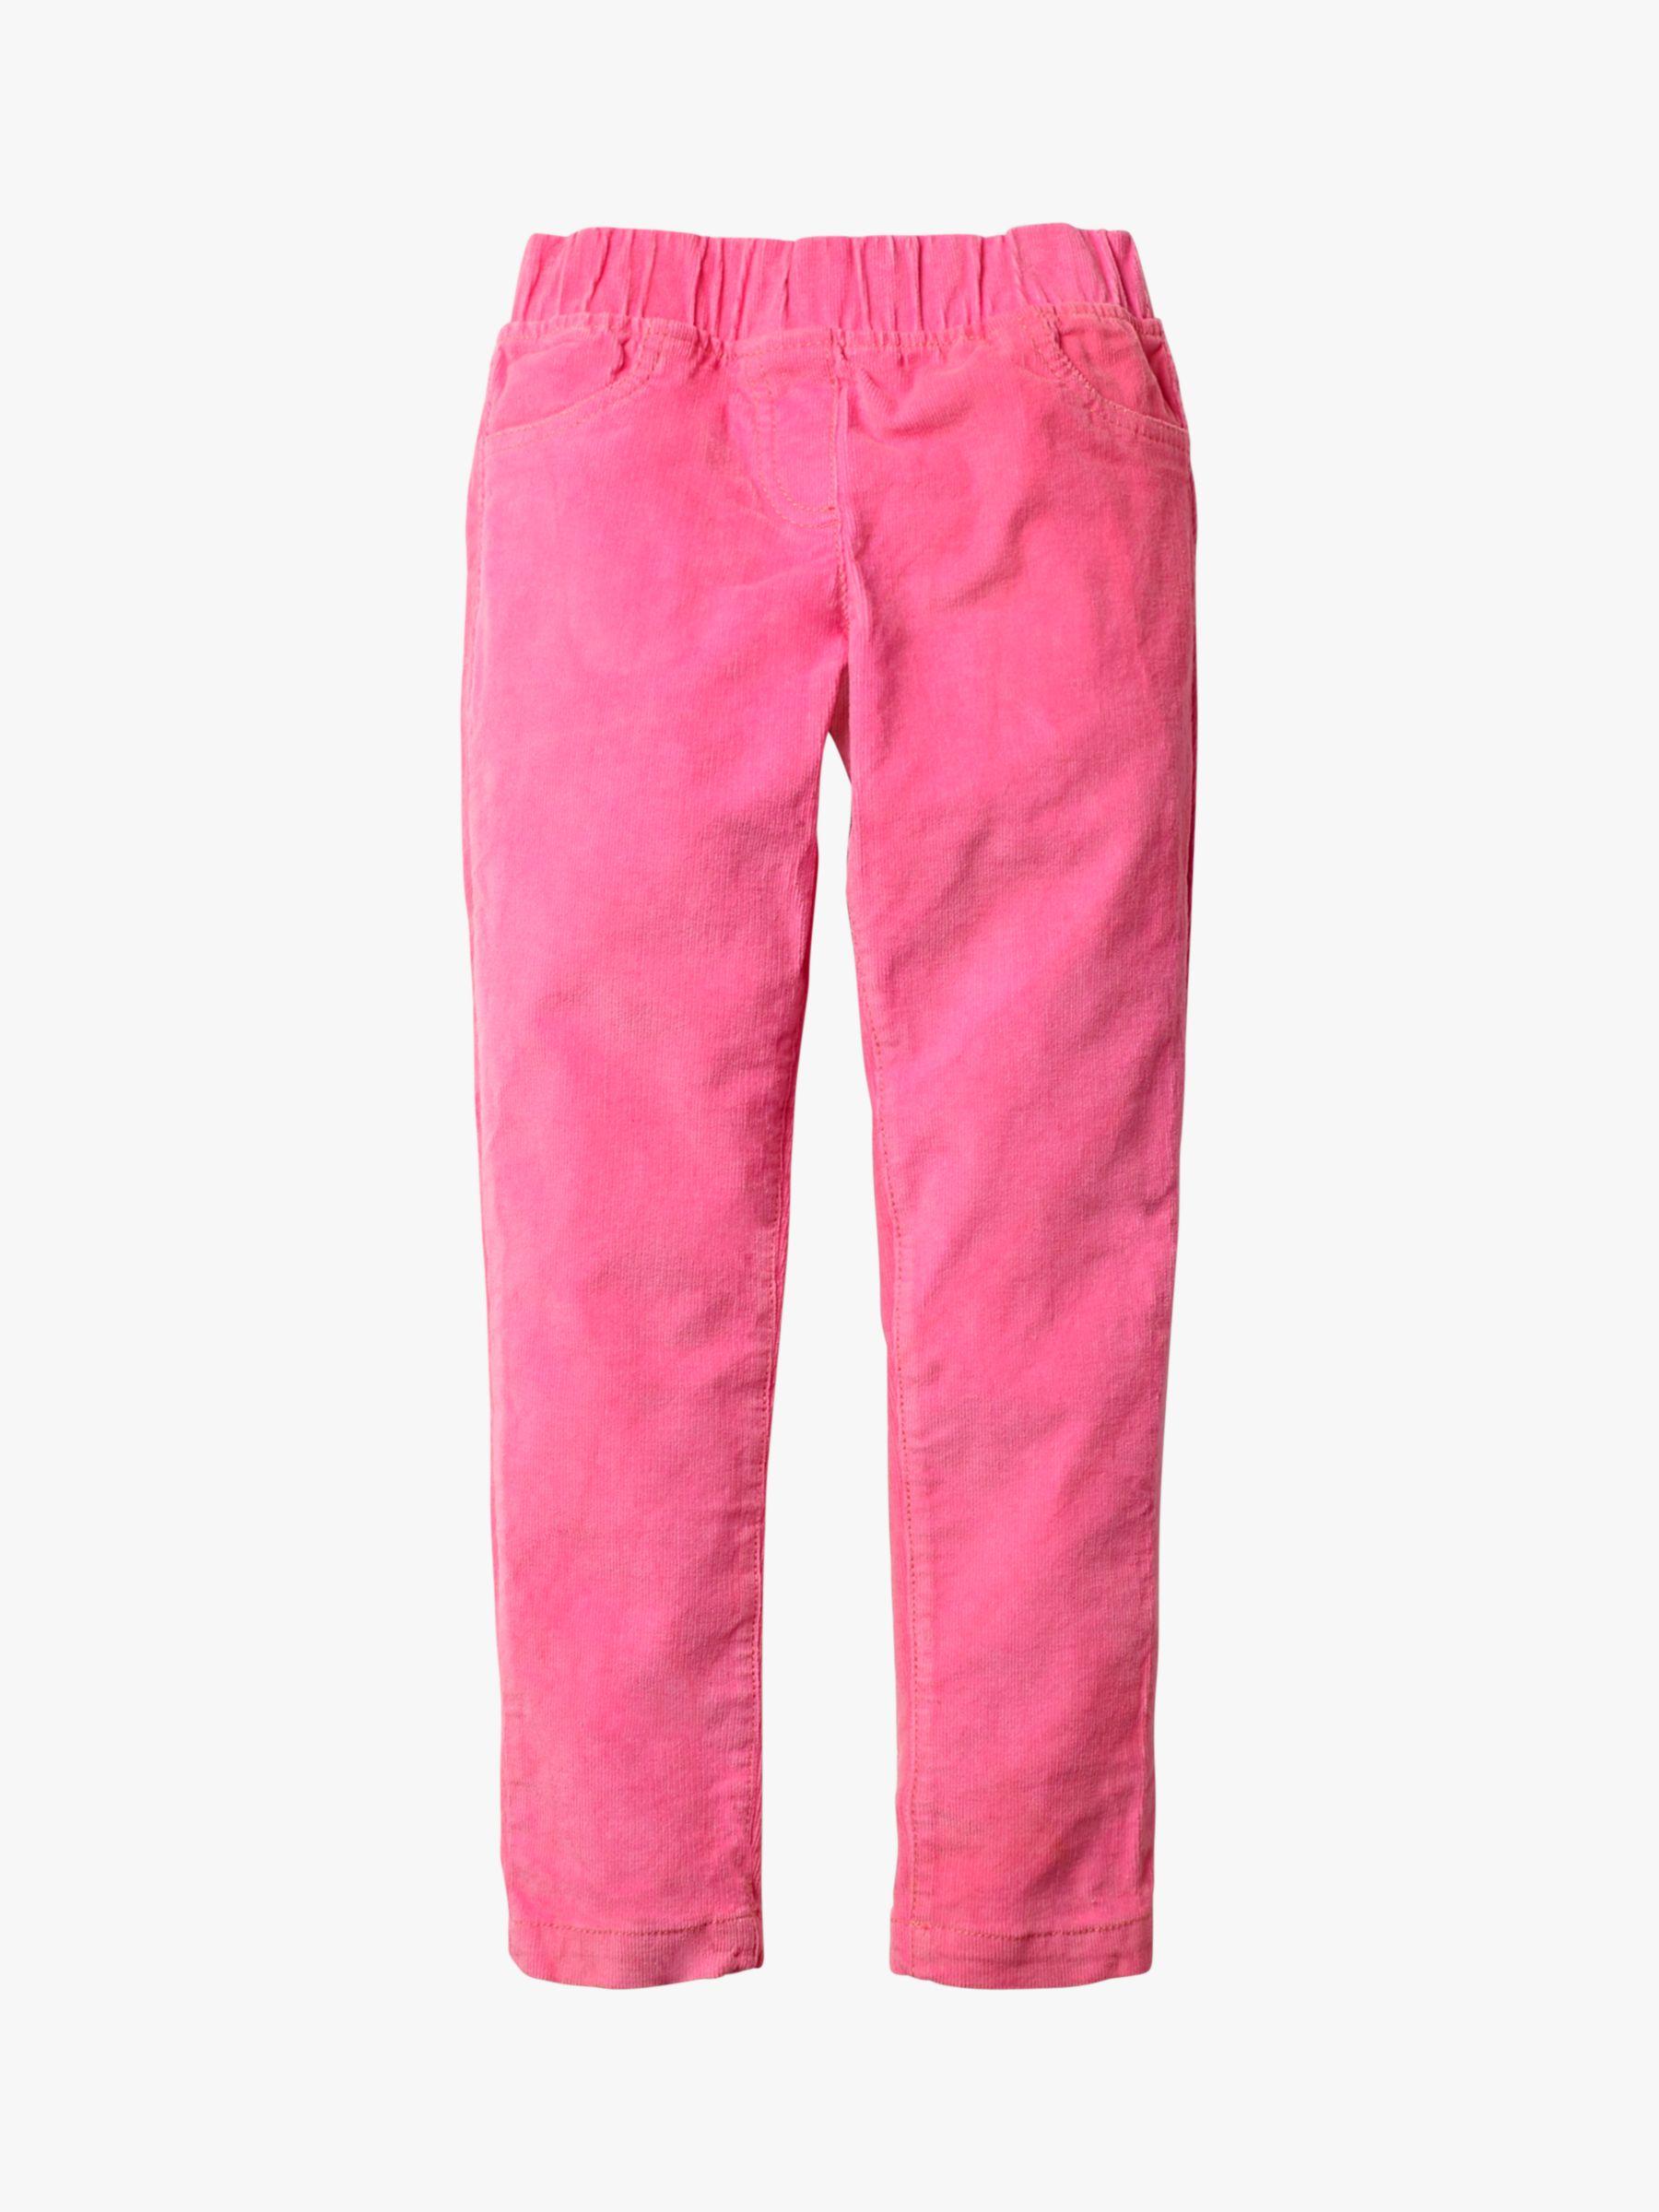 Mini Boden Mini Boden Girls' Corduroy Leggings, Pink Sorbet